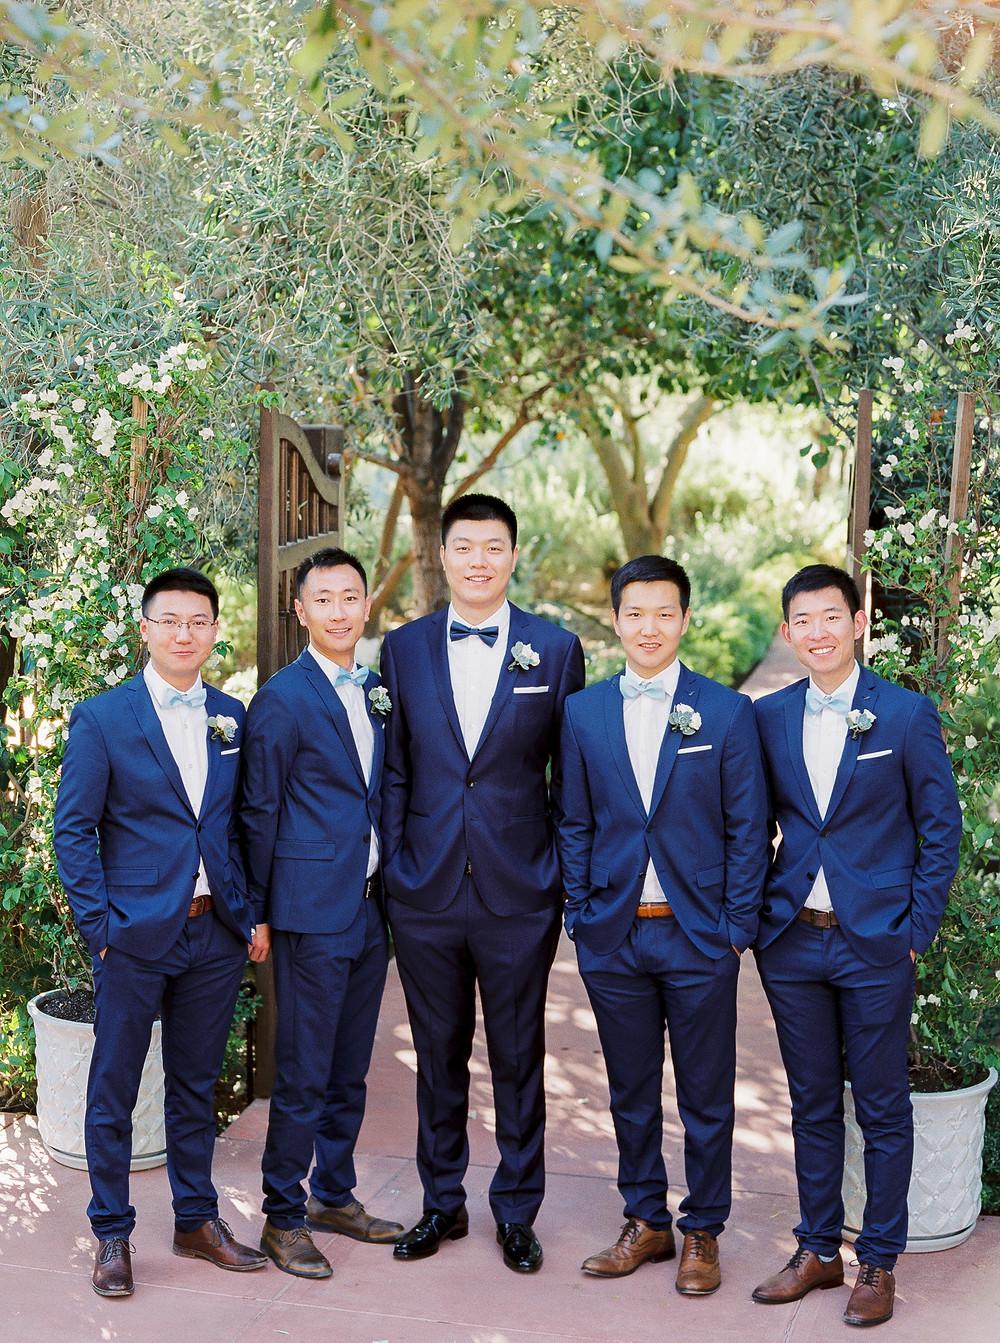 El Chorro Wedding, Traditional Chinese Wedding, Bridal Party